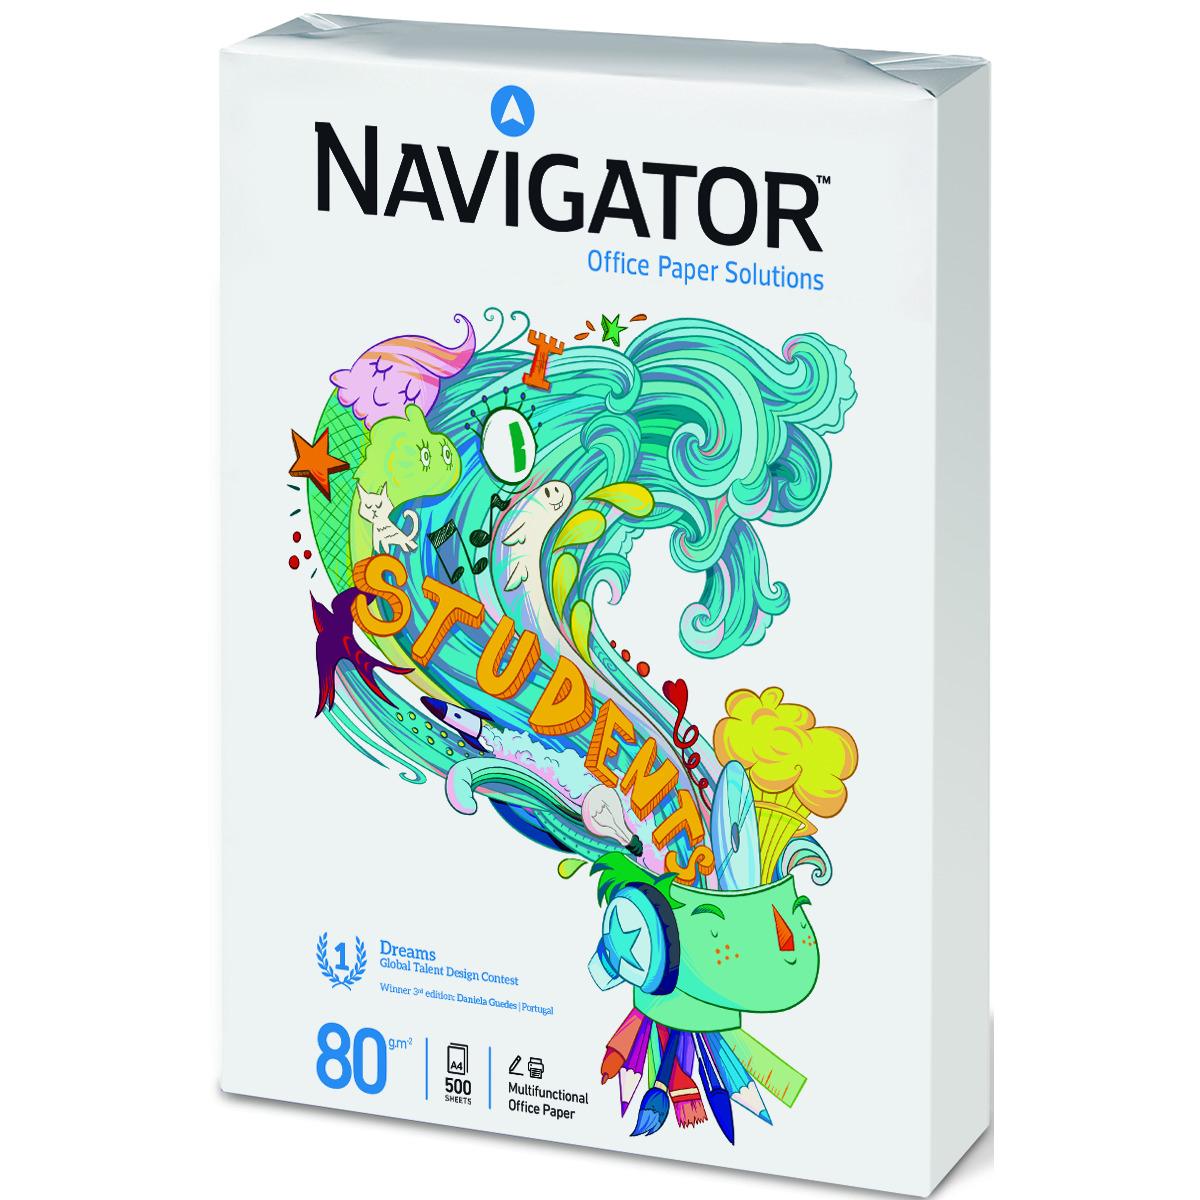 Paquete de 500 folios NAVIGATOR muy baratos comprando 3